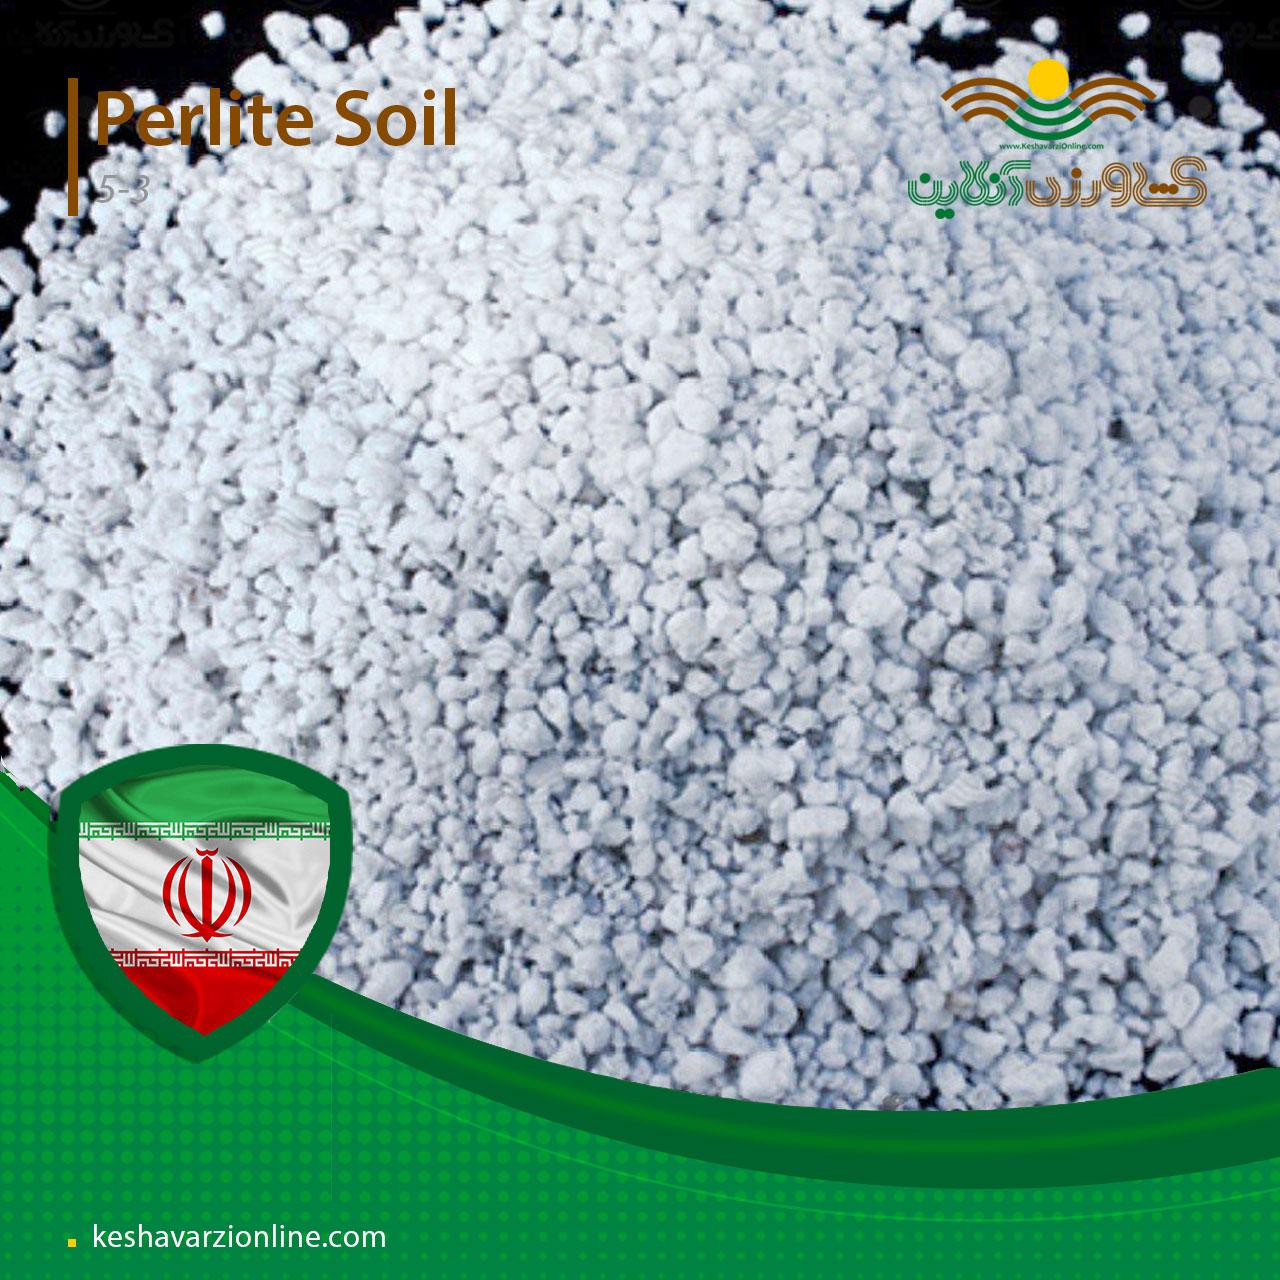 پرلیت دانه متوسط 3 الی 5 میلیمتری و خواص پرلیت